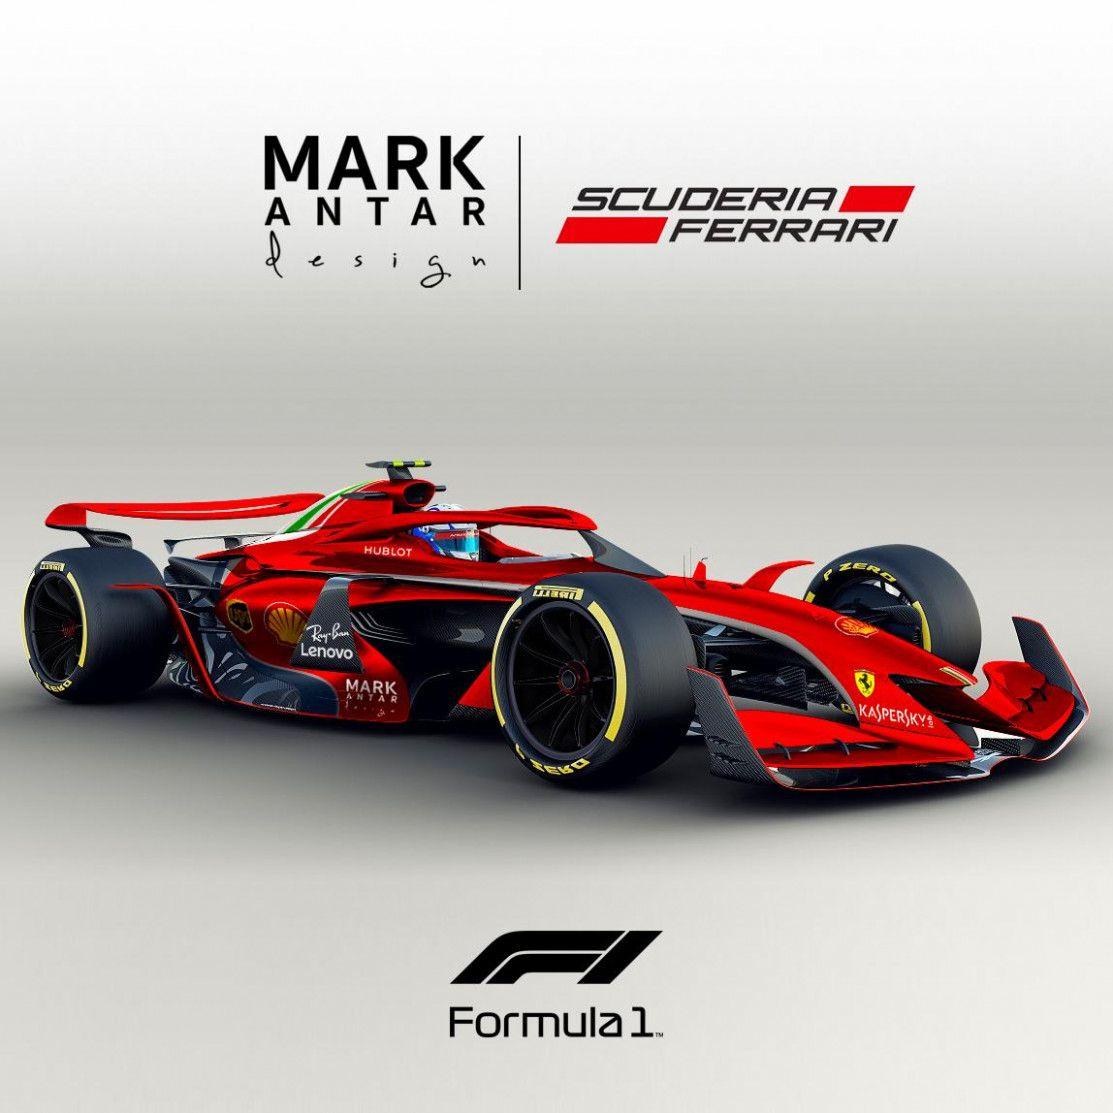 Ferrari 2020 F1 2020 Car Reviews Carros De Luxo Carros Incriveis Carros